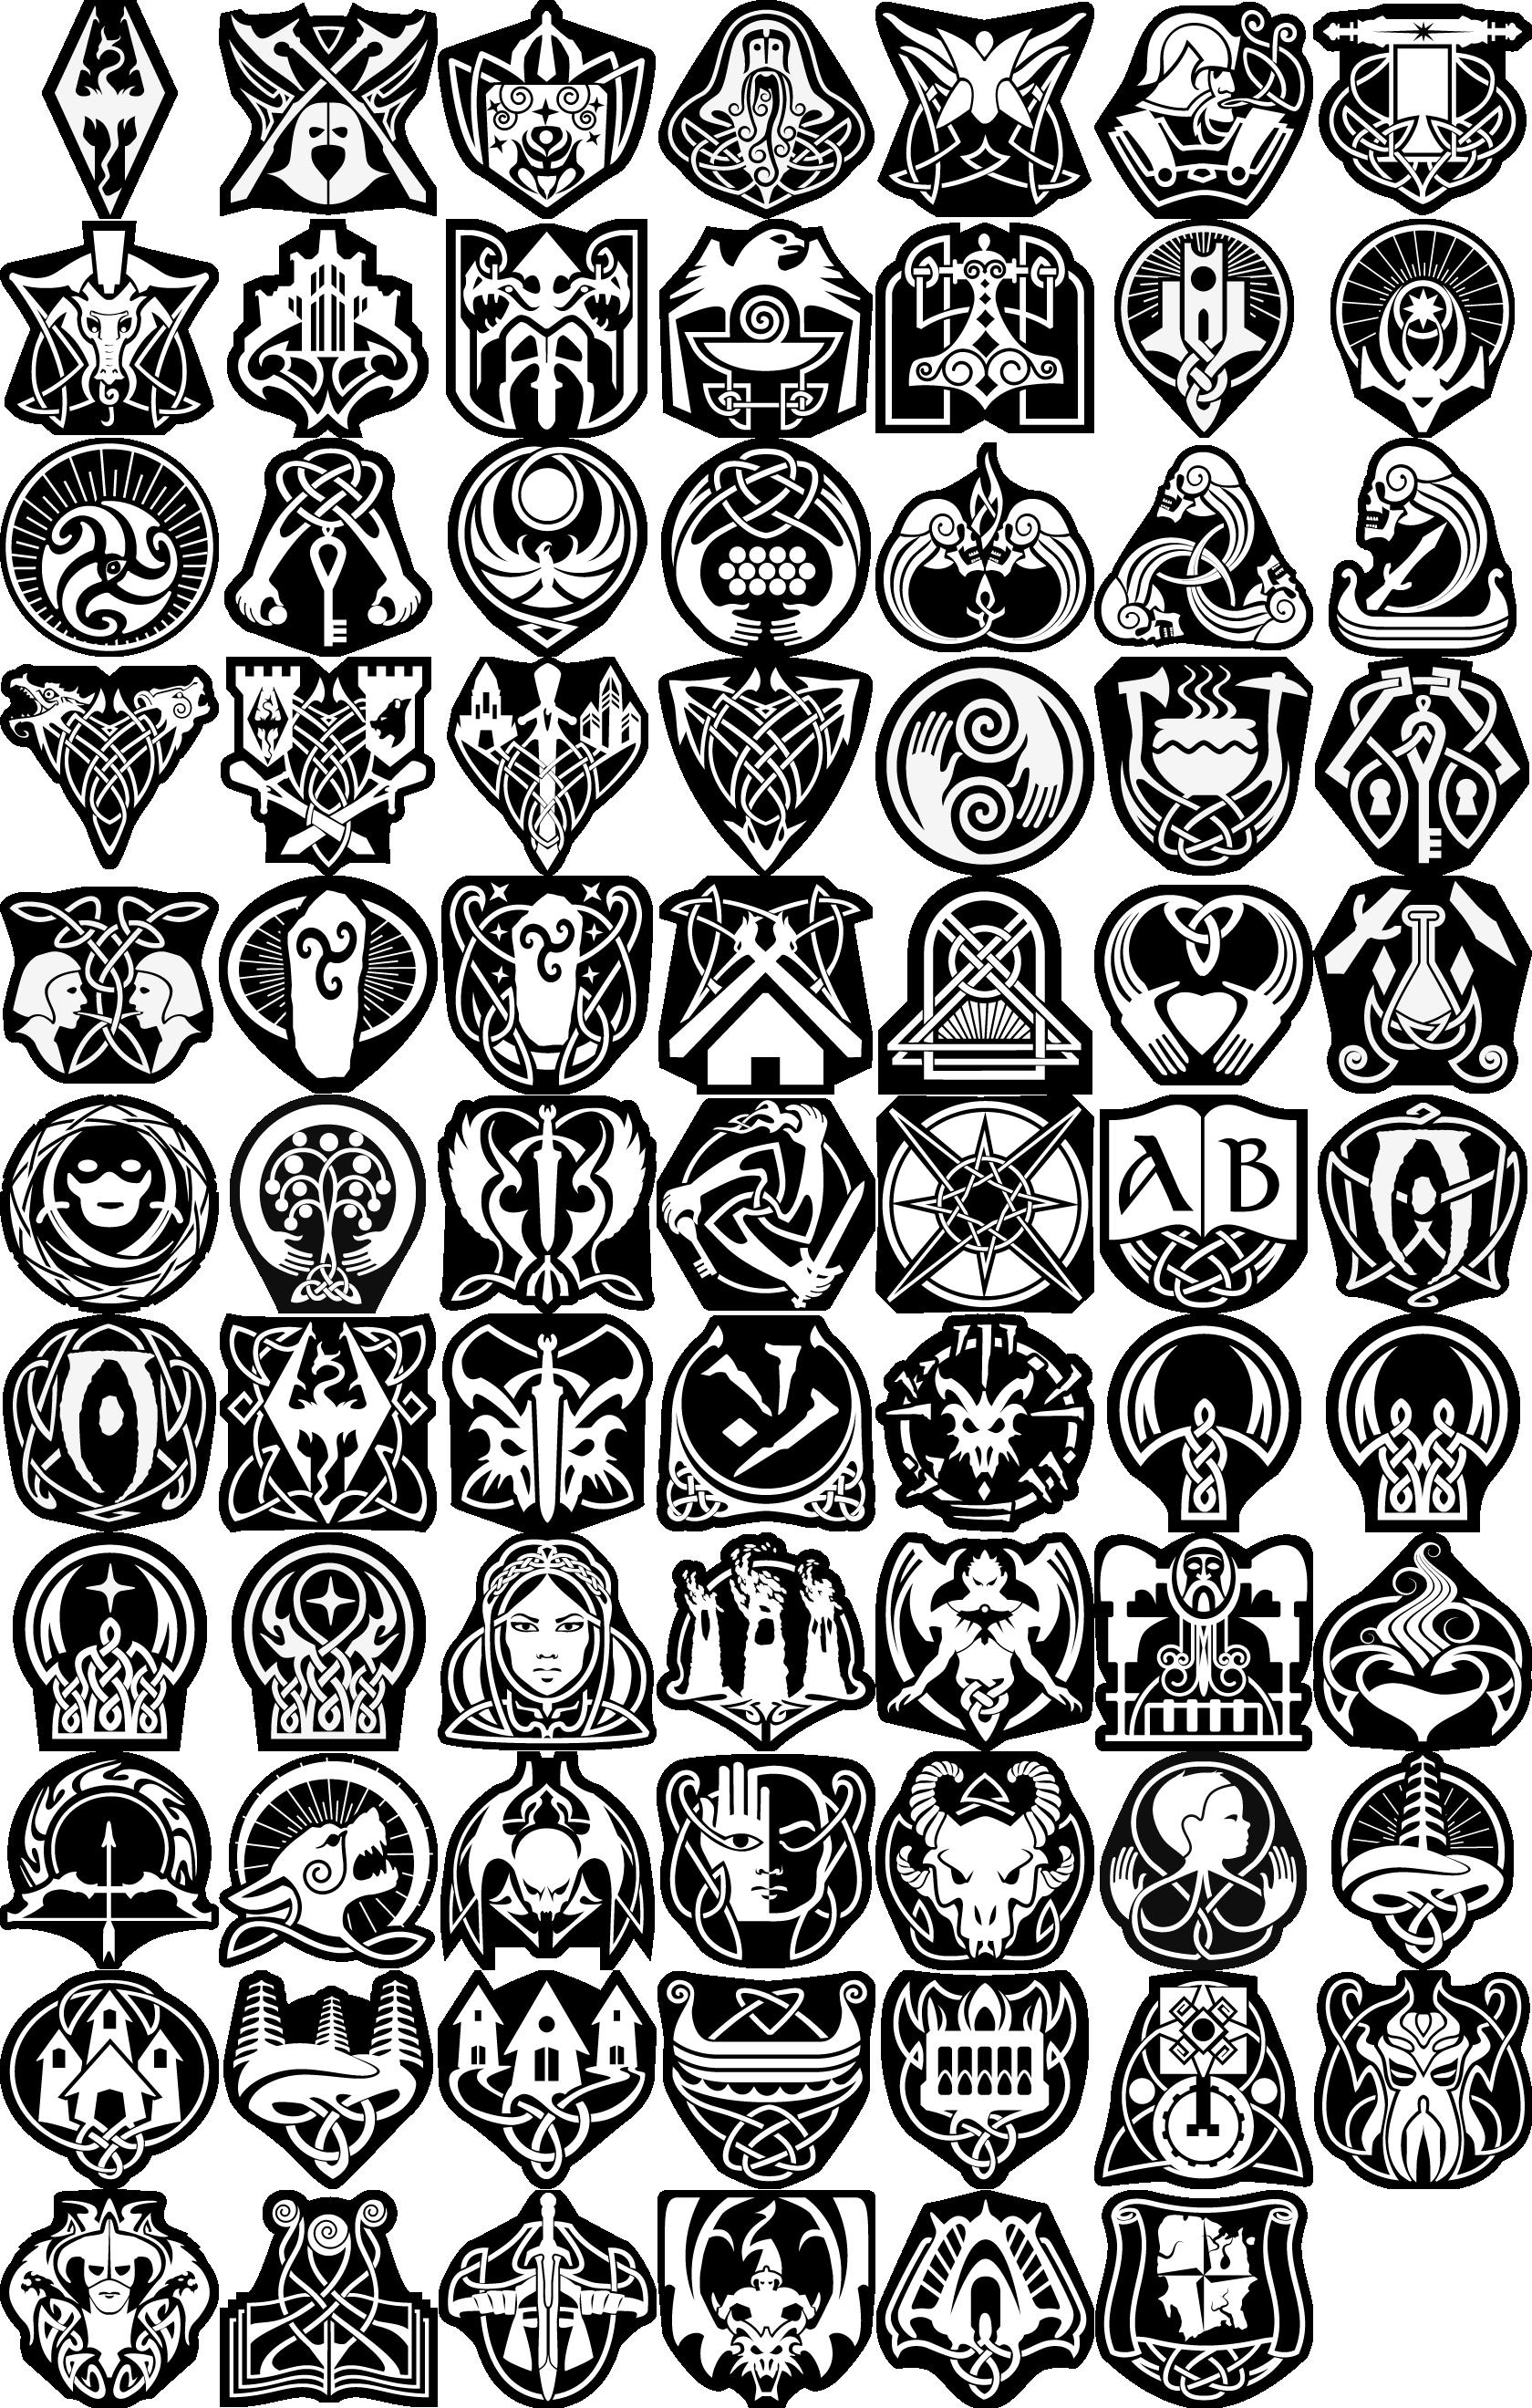 Skyrim Tattoo Stencil: Skyrim Tattoo, Elder Scrolls Tattoo